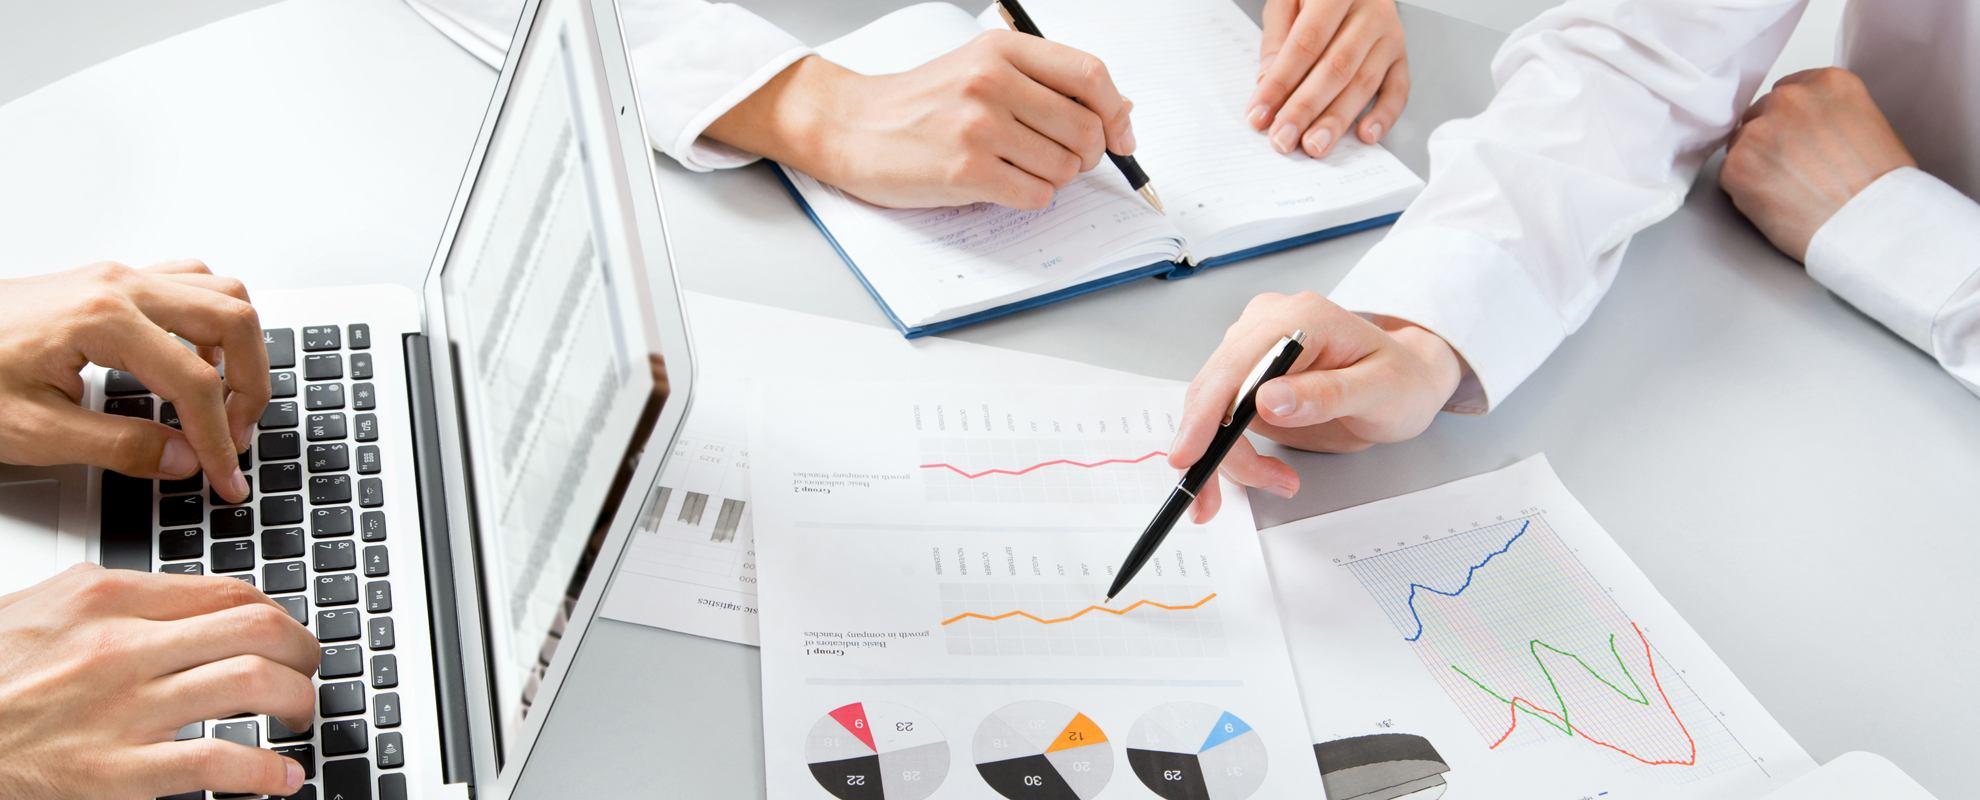 ניהול תזרים מזומנים: שלב אחר שלב